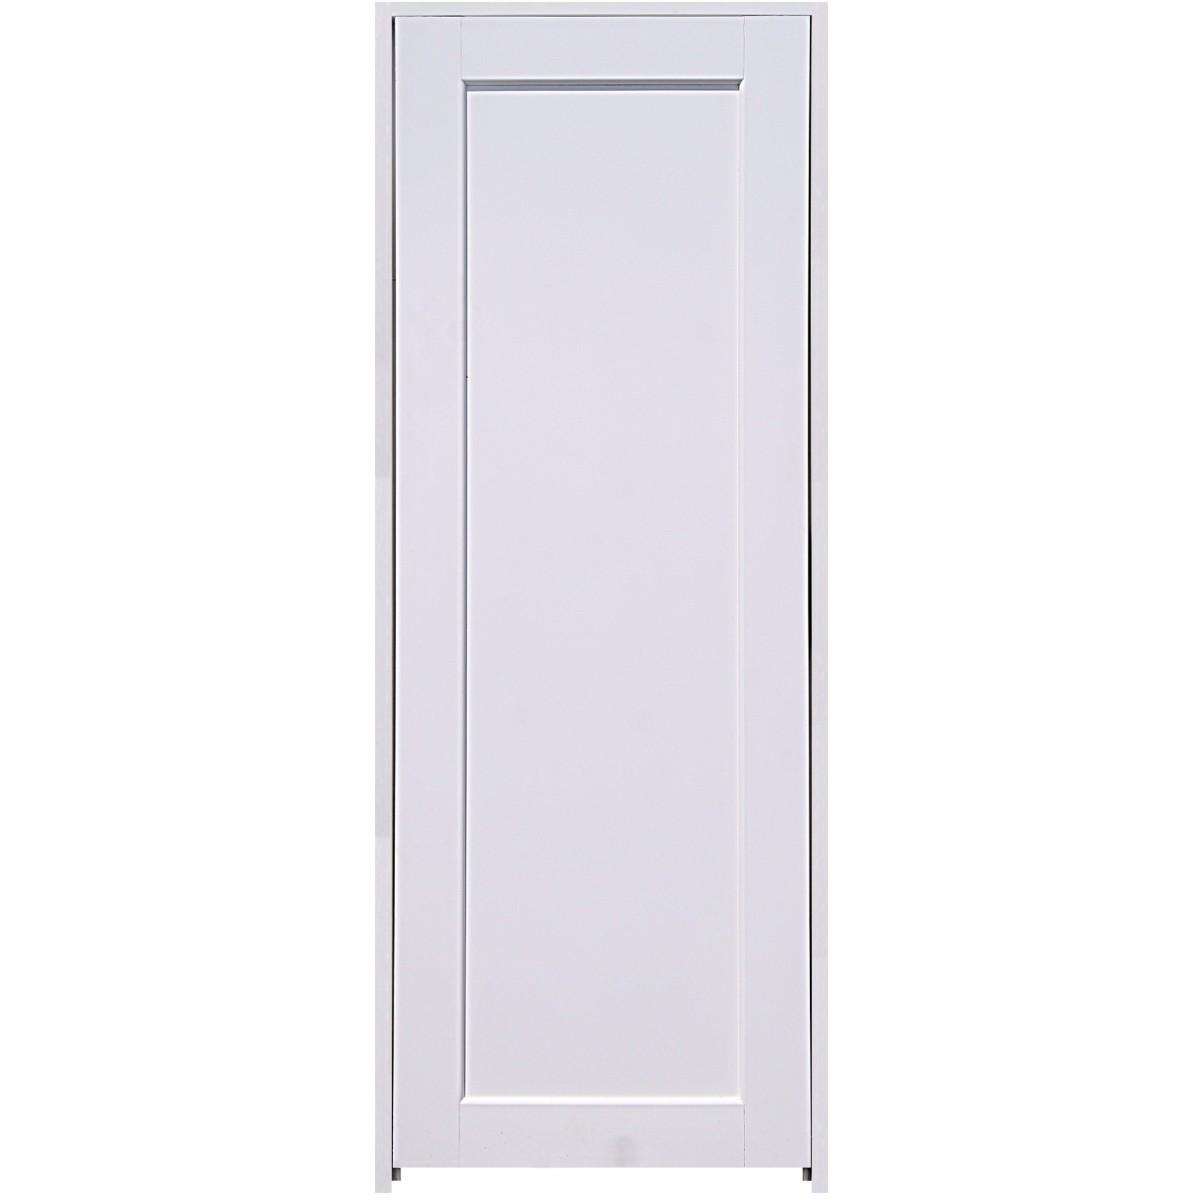 Блок дверной Аквапласт 70x200 см ПВХ с фурнитурой